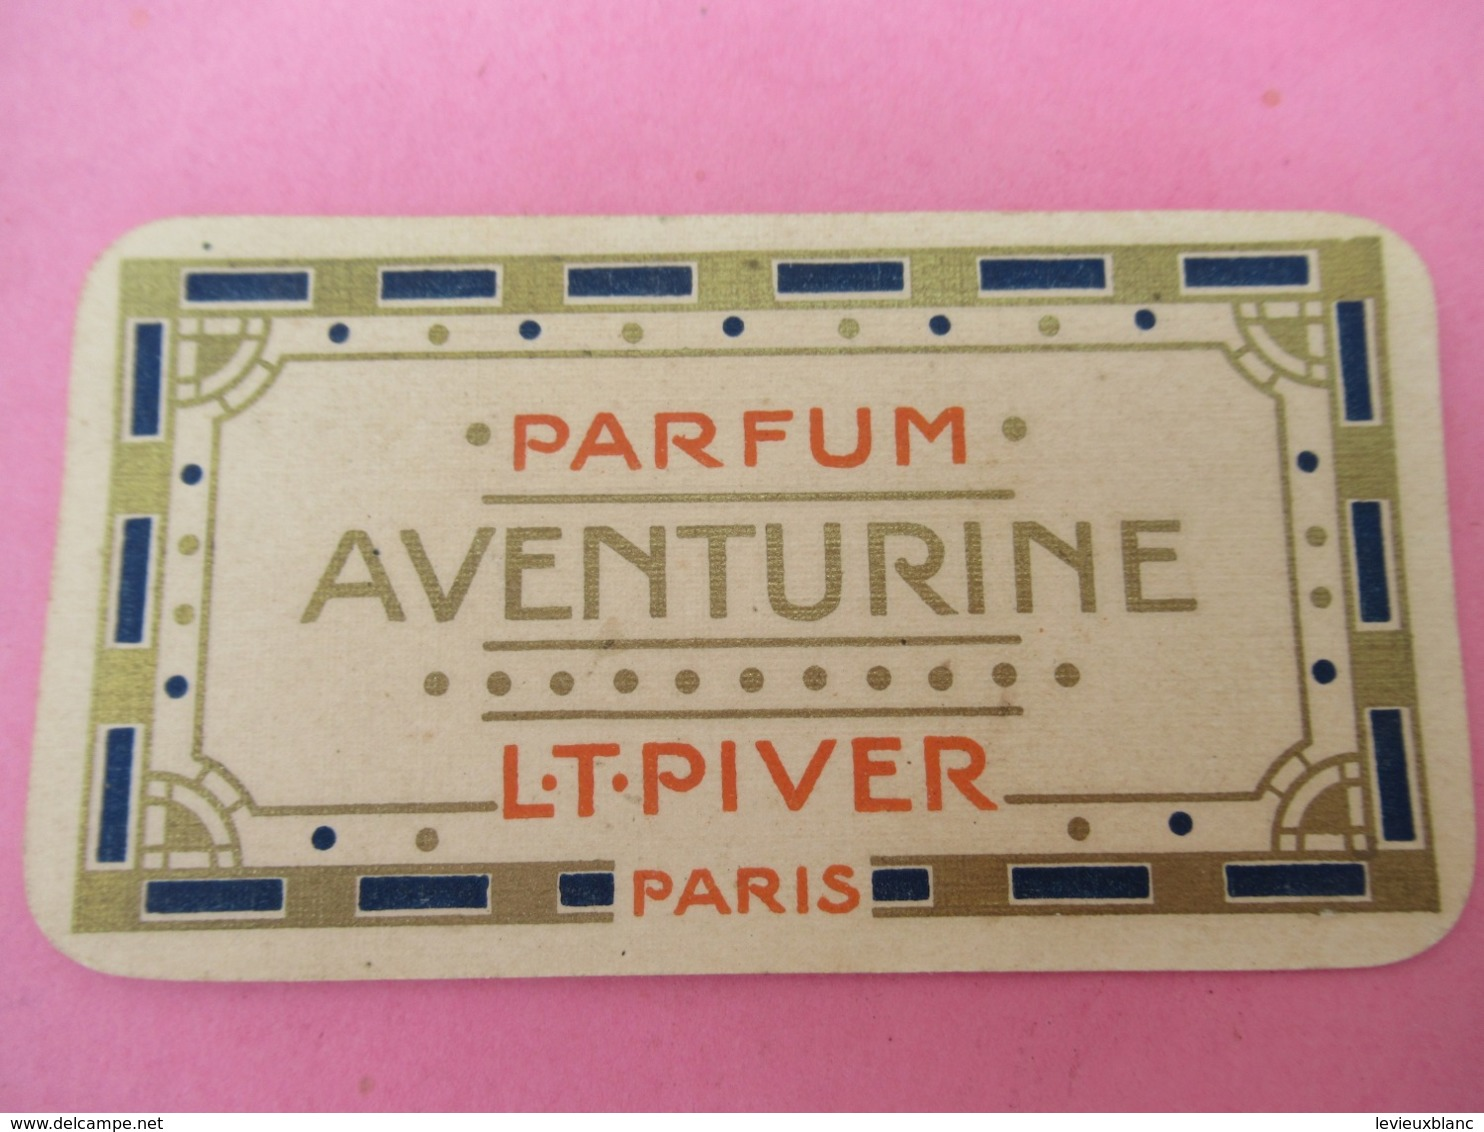 Carte Publicitaire Parfumée/Parfum AVENTURINE/ L T PIVER, Paris/ Calendrier /1913   PARF201 - Vintage (until 1960)